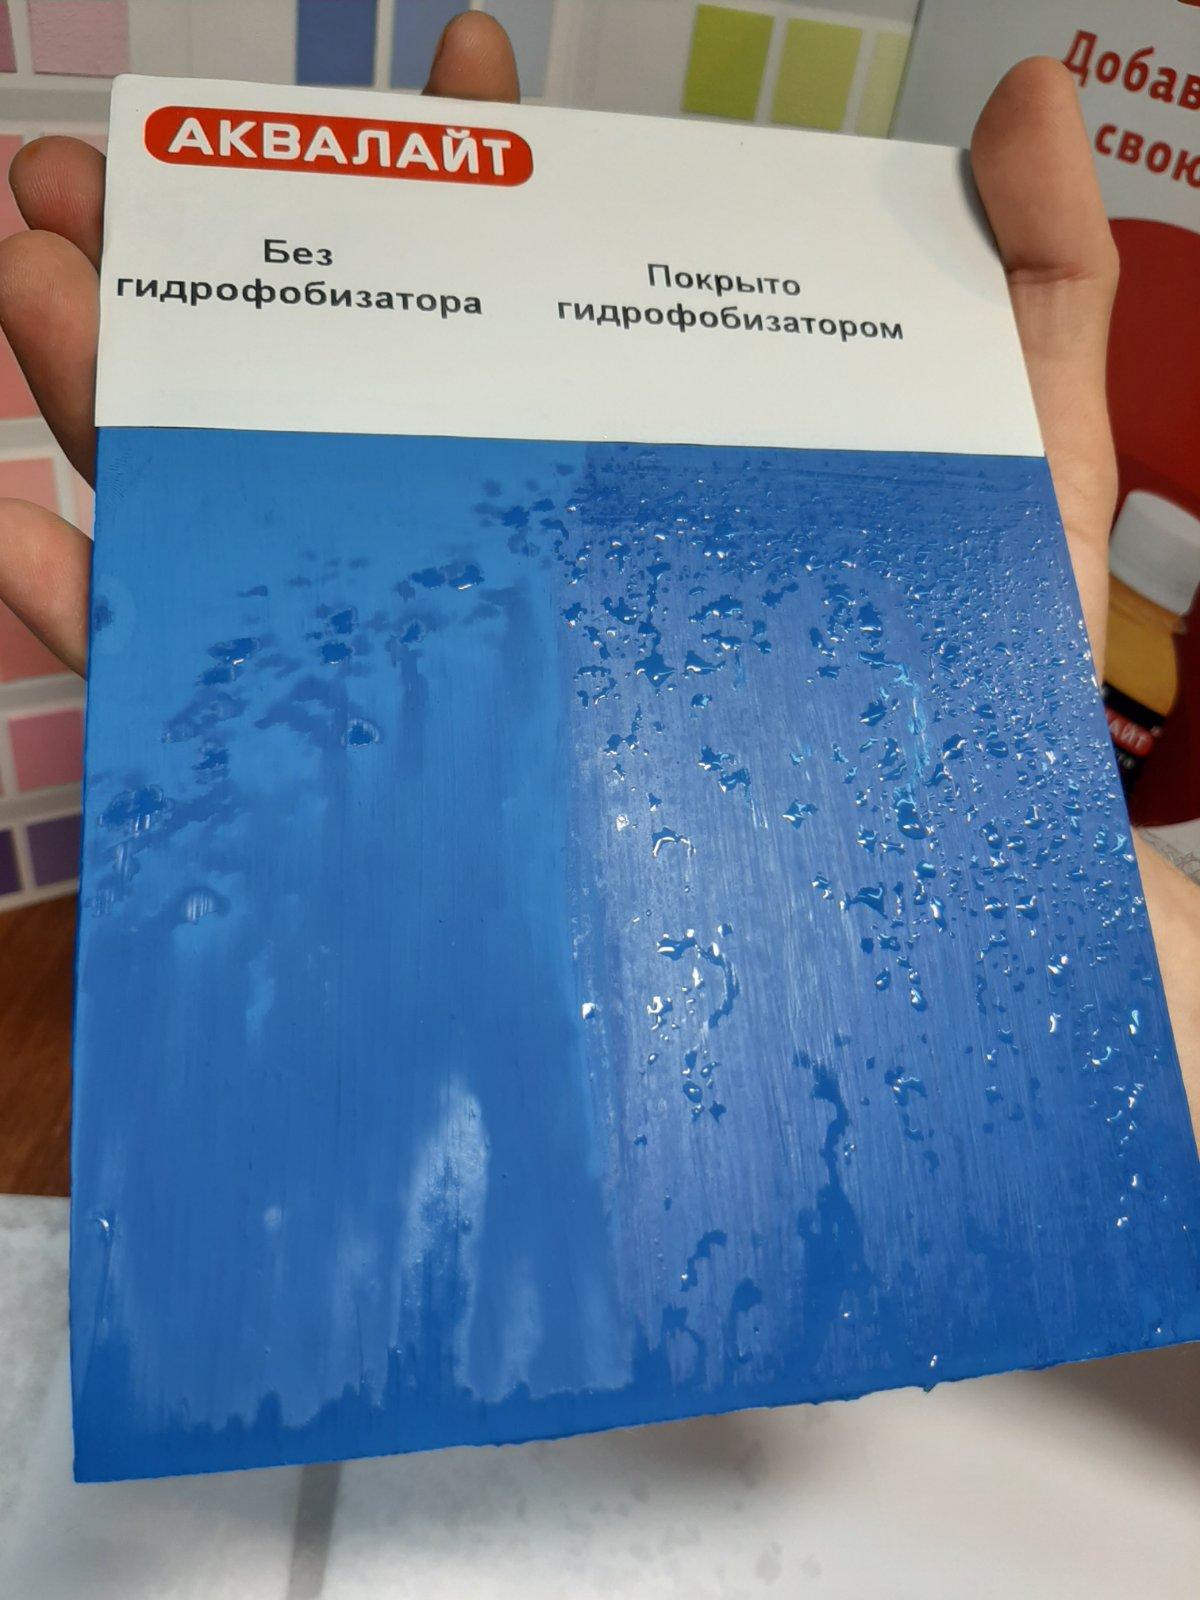 Гидрофобизатор для поверхностей